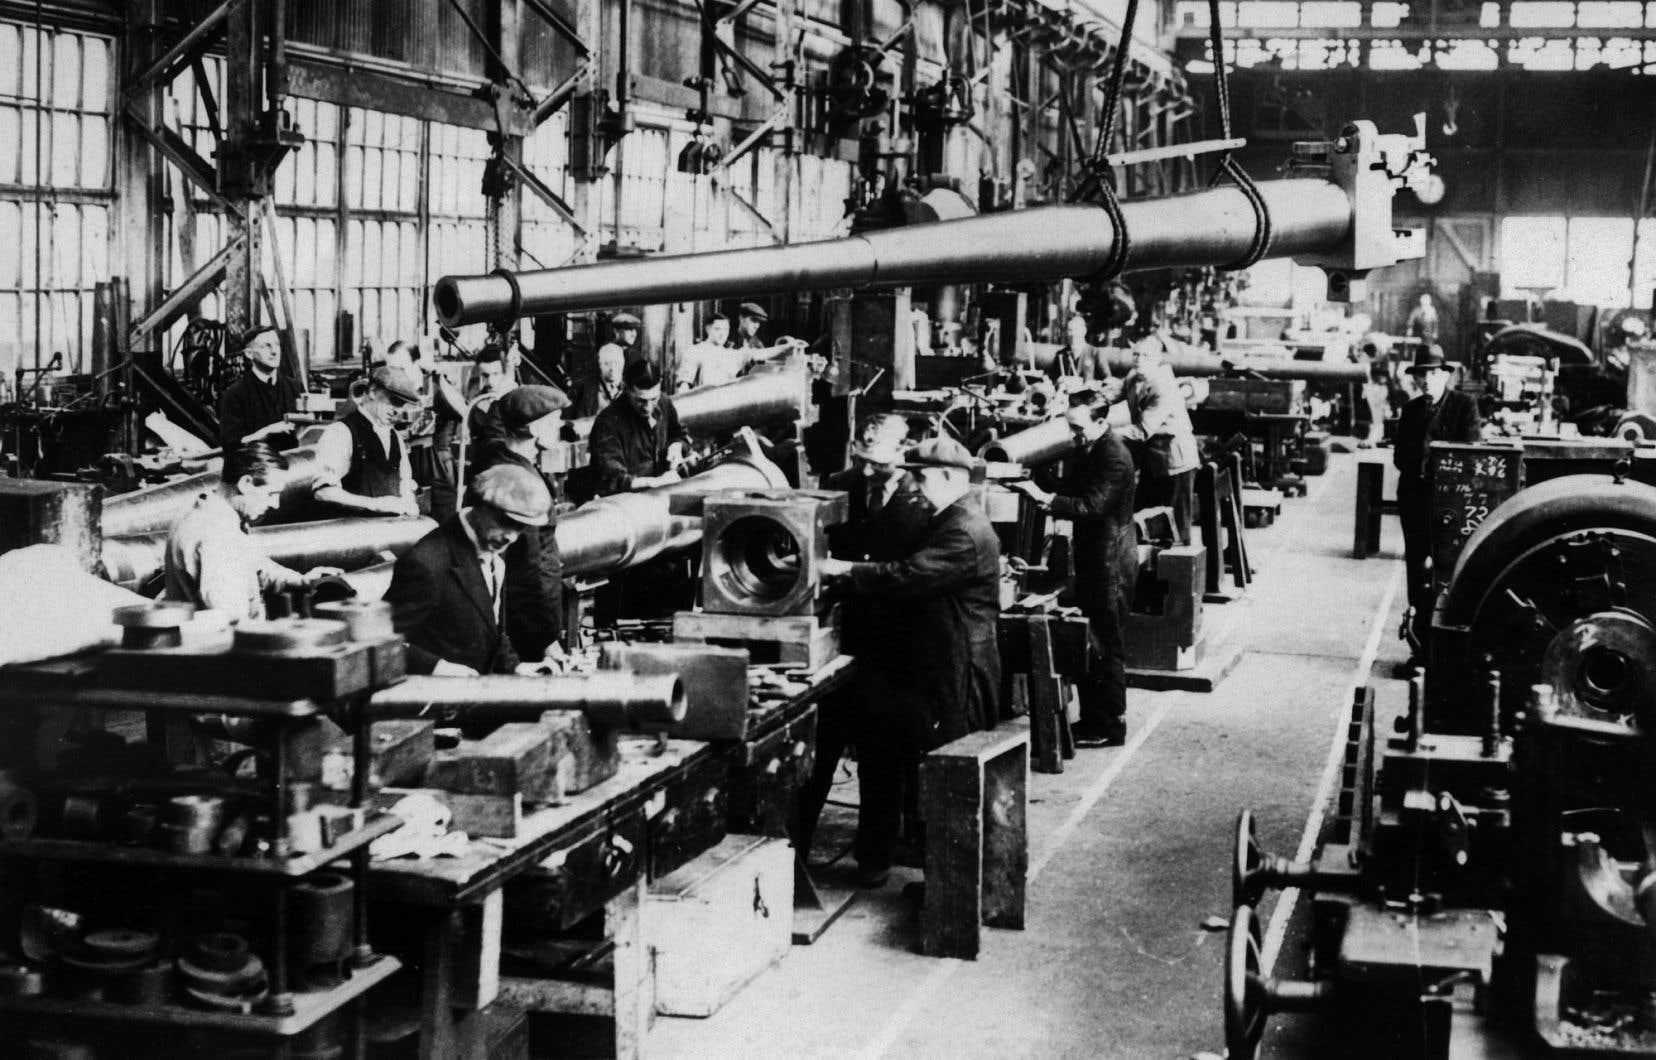 Des ouvriers travaillent dans une usine d'armements en Grande-Bretagne, à l'orée de la Seconde Guerre mondiale en novembre 1938.